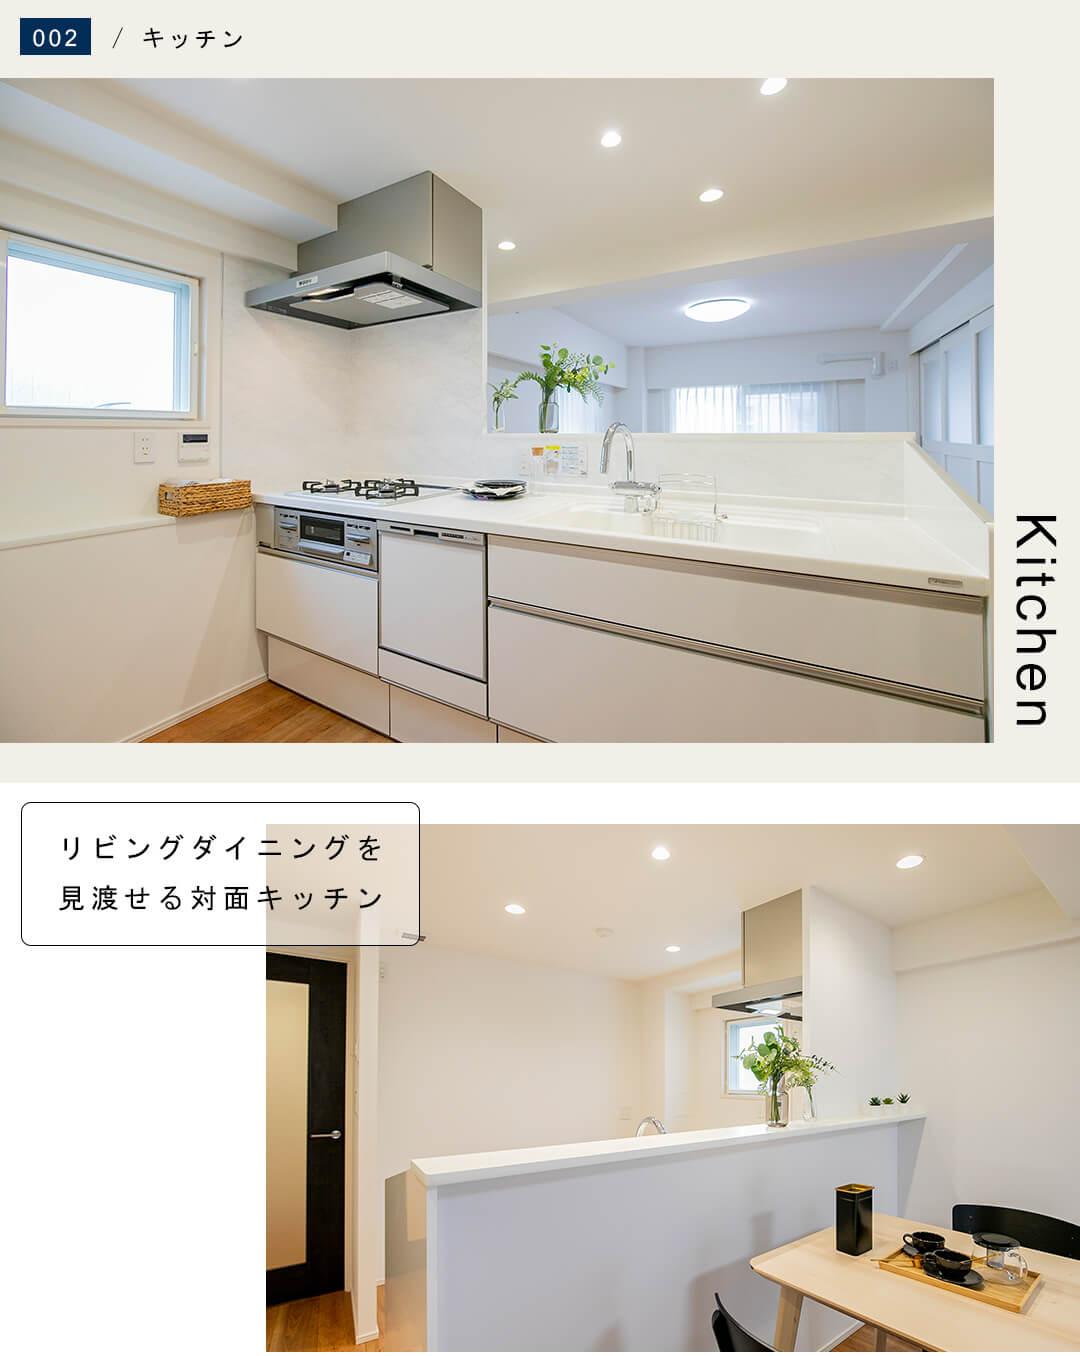 目黒パークマンションのキッチン